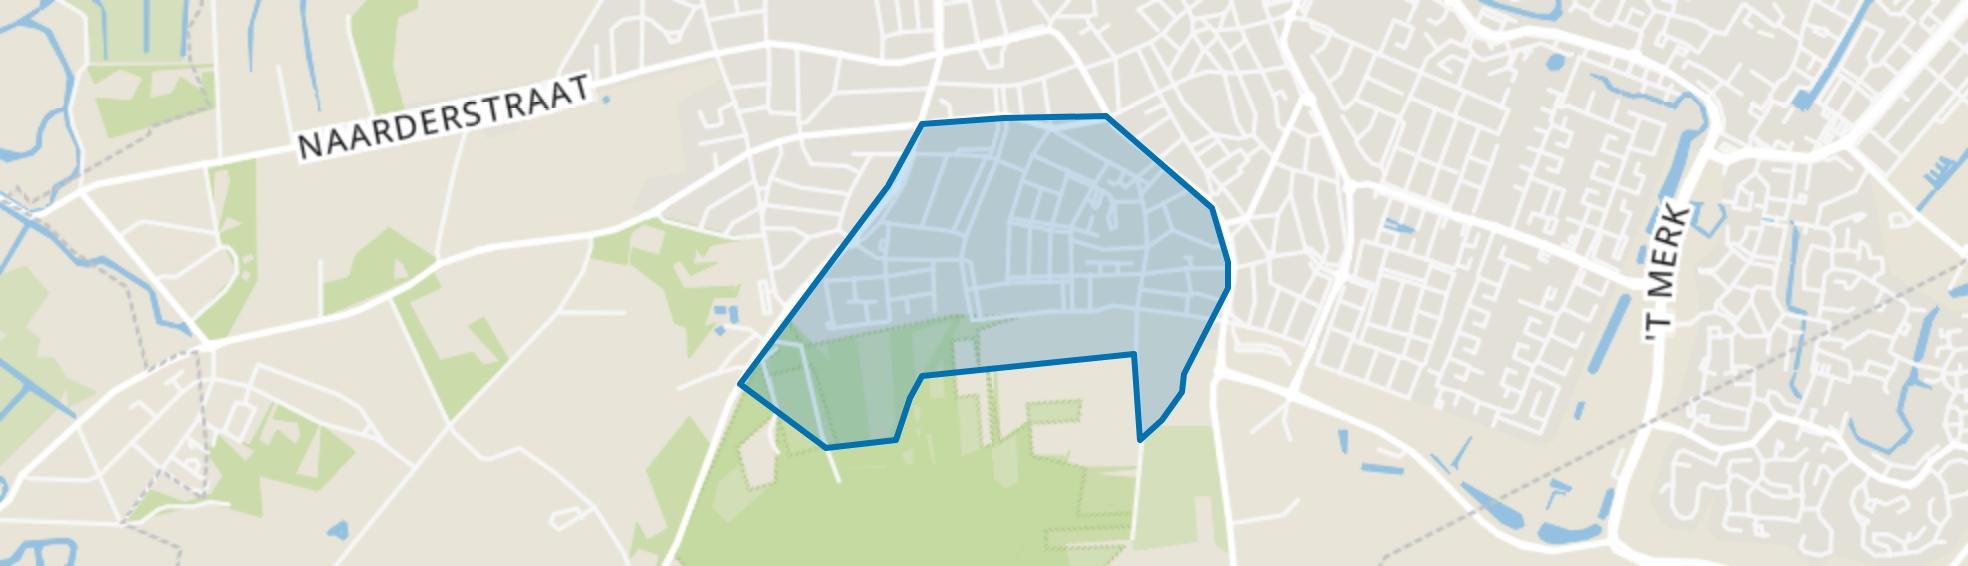 Zuidereng, Huizen map